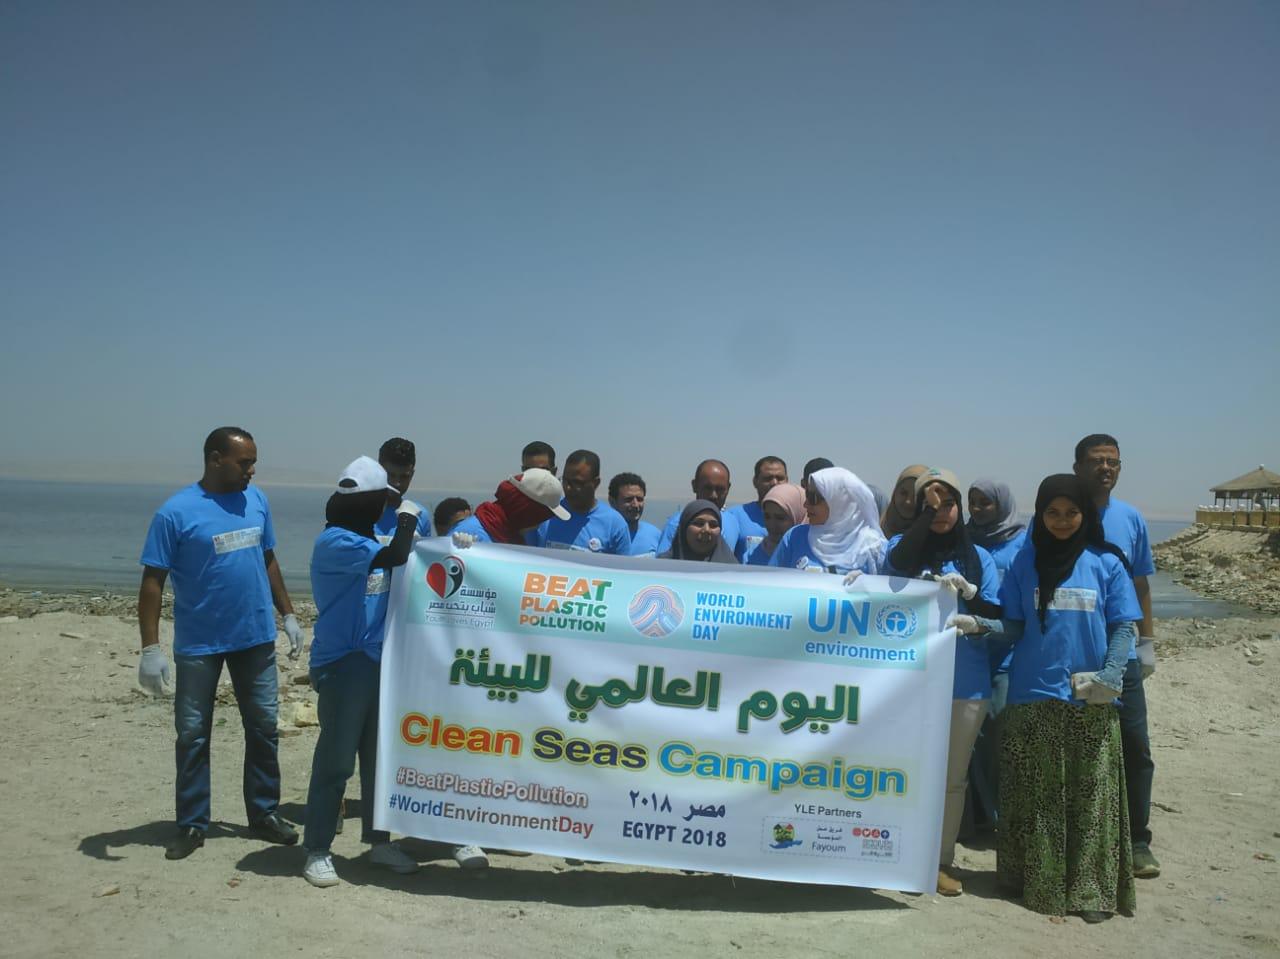 إنطلاق فاعلية شباب بتحب مصر للاحتفال باليوم العالمي للبيئة (5)